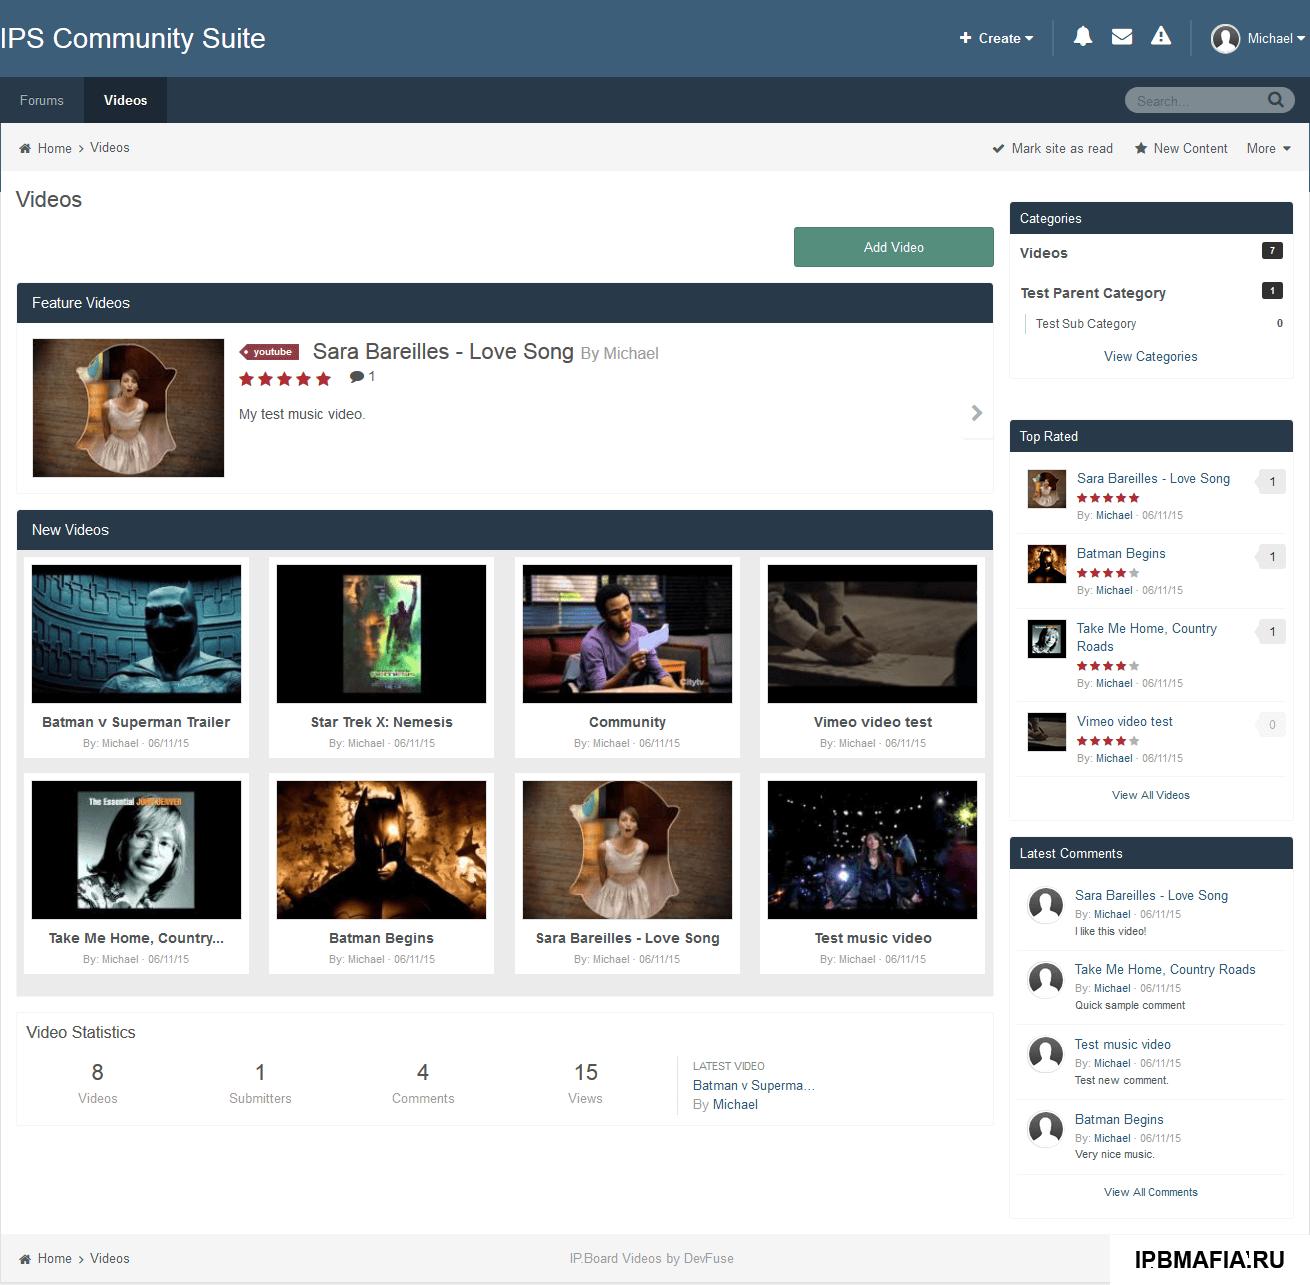 Videos 3.1.13